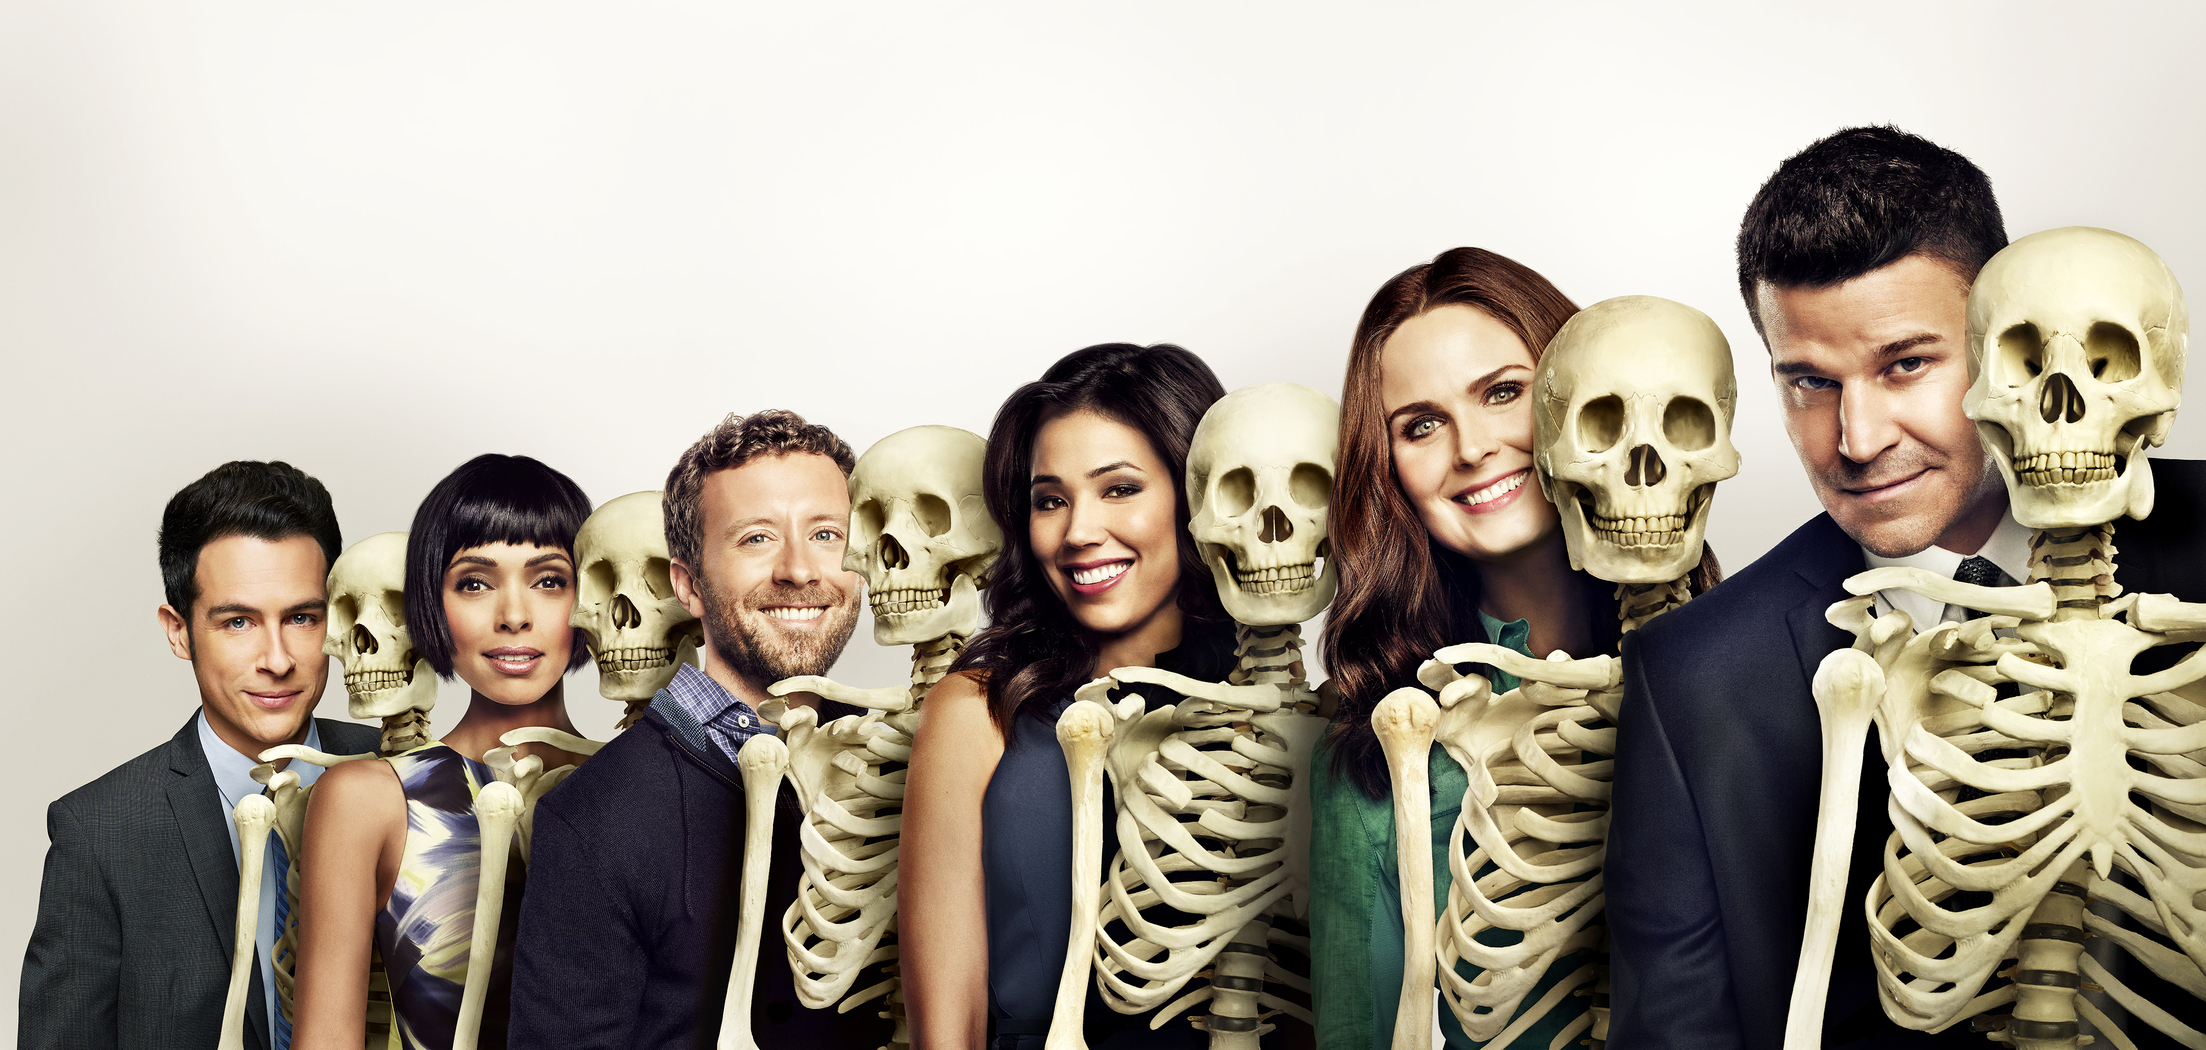 bones_s10_30sheet_skeletons_f2_hires1.jpg